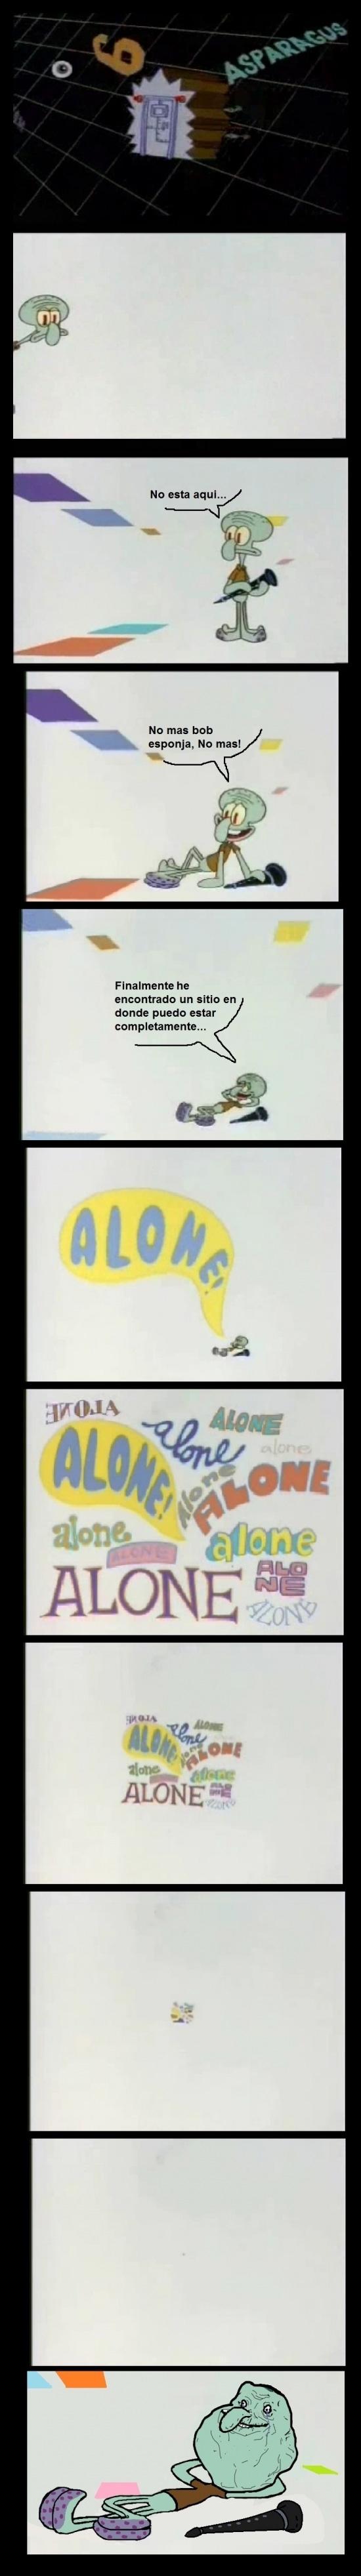 Forever_alone - No todo el mundo desprecia la soledad